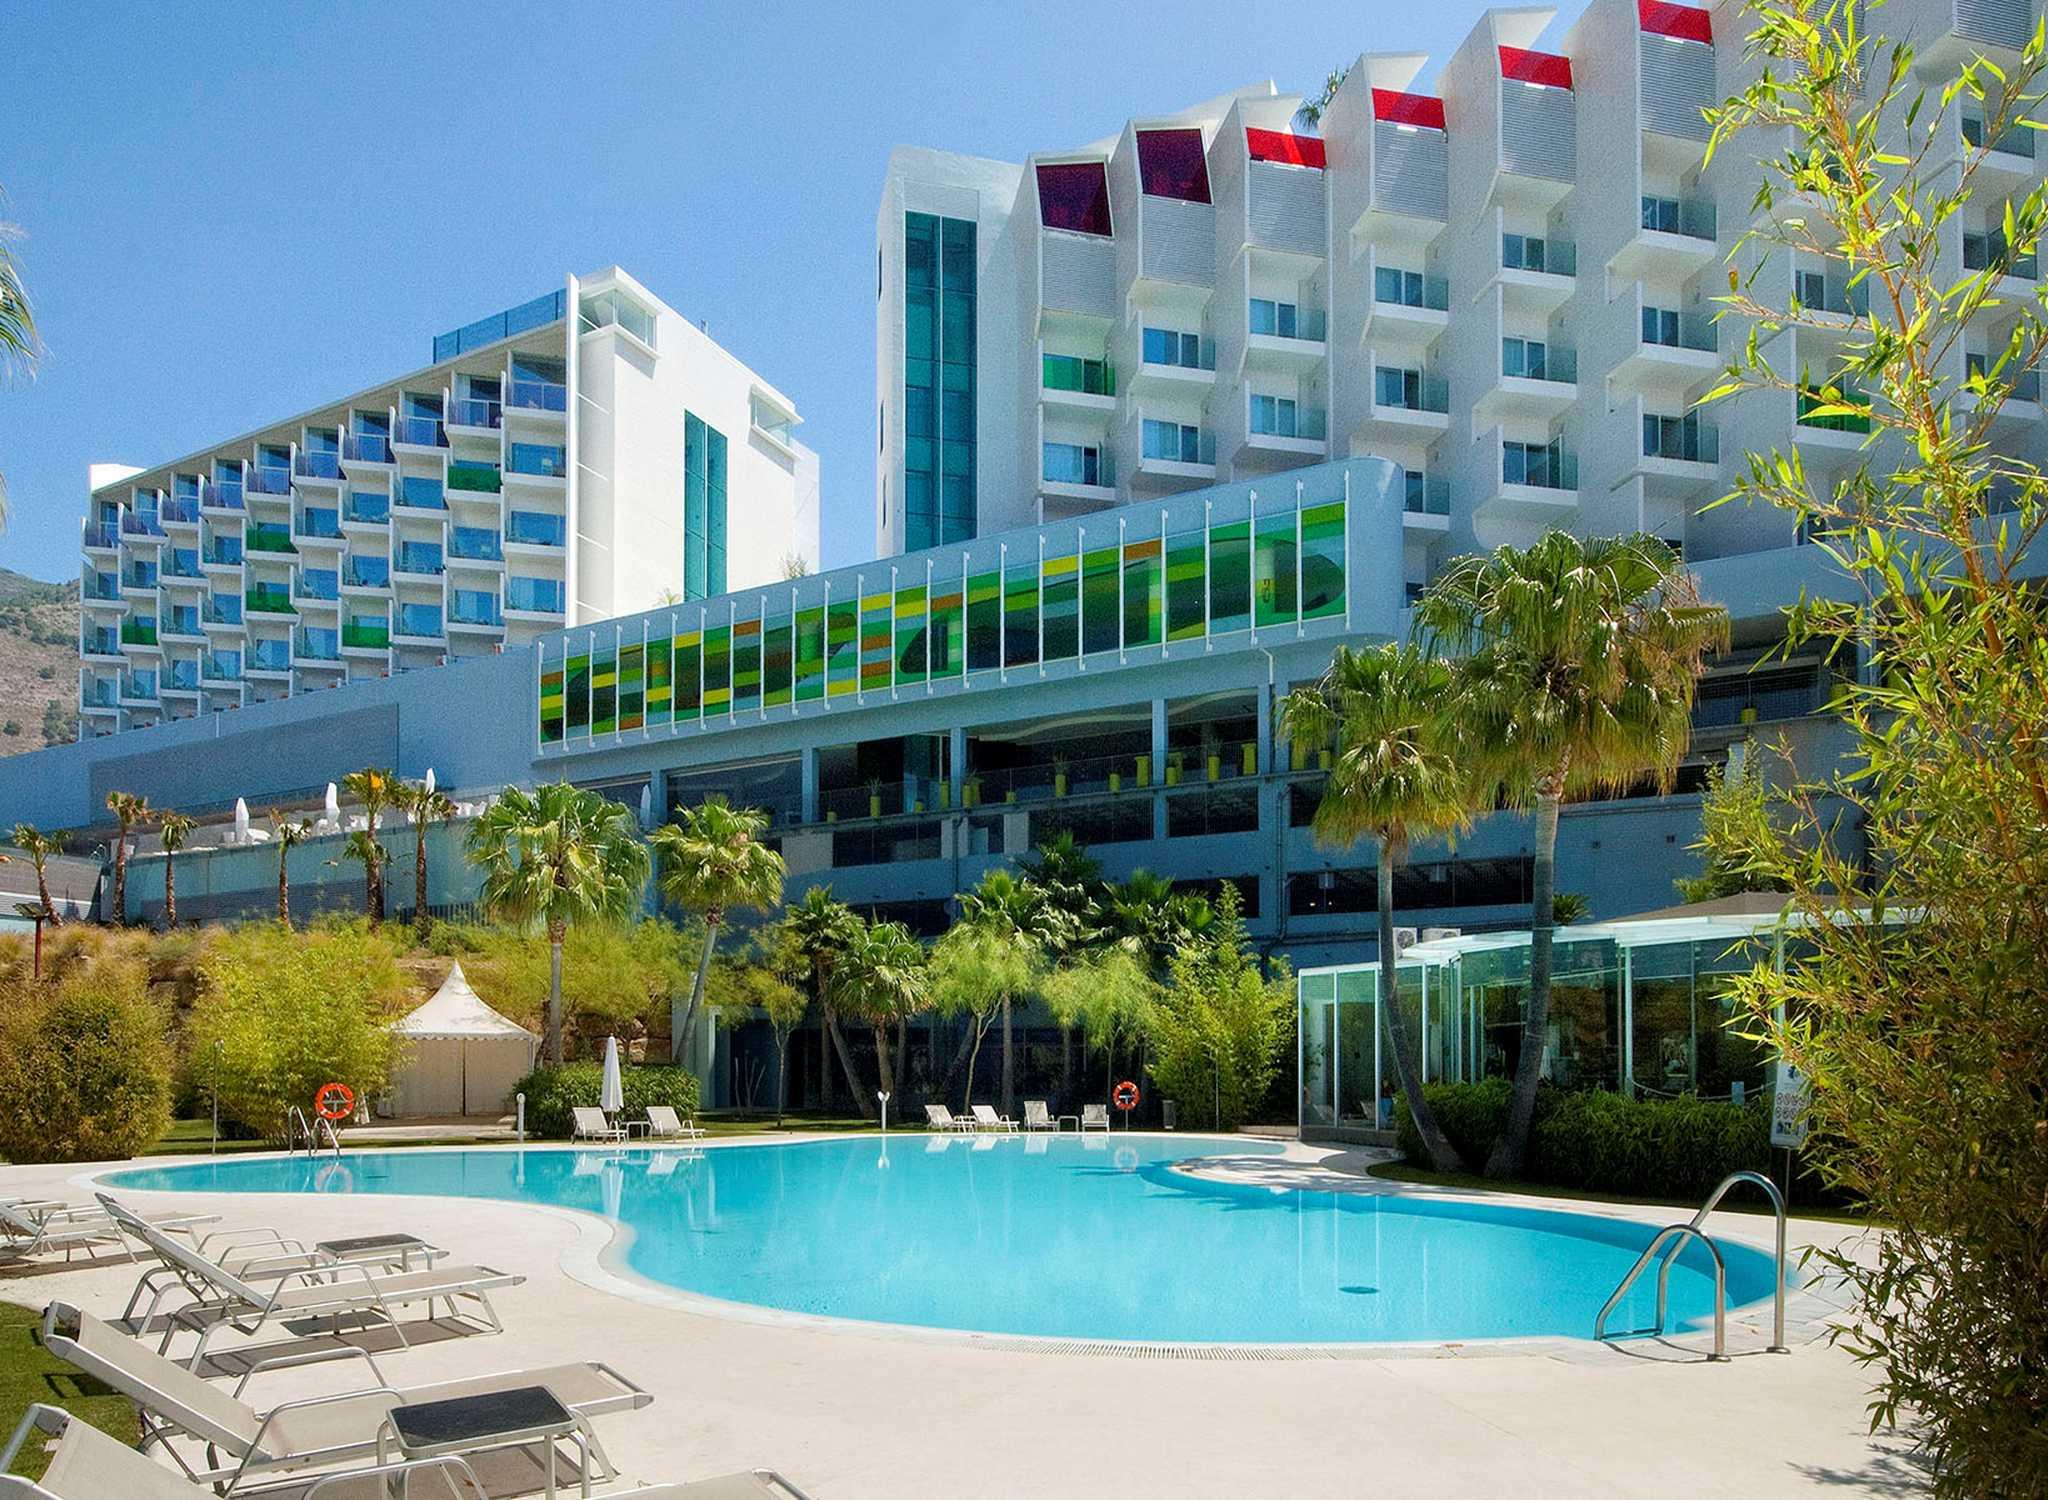 Hoteles en espa a barcelona madrid mallorca hilton for Hoteles de superlujo en espana